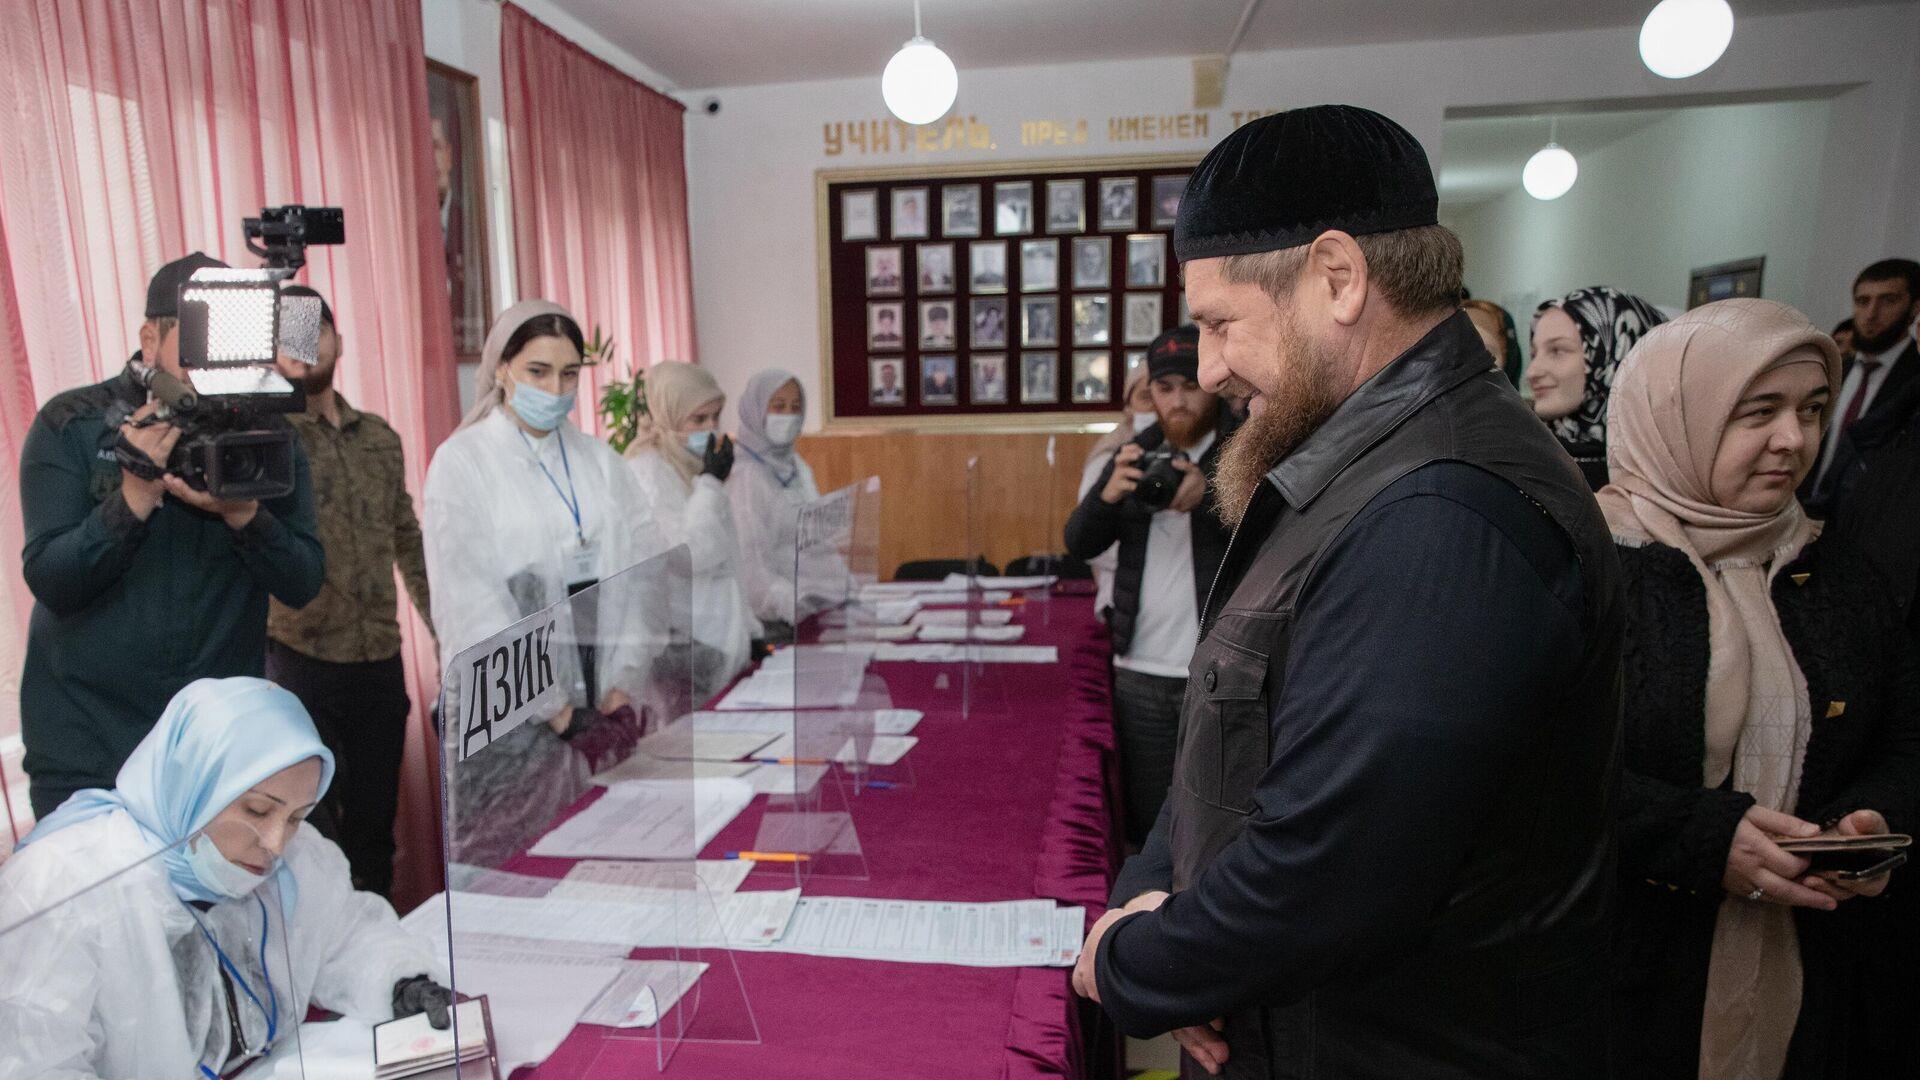 Глава Чечни Рамзан Кадыров на избирательном участке в селе Ахмат-Юрт в Чеченской республике - РИА Новости, 1920, 20.09.2021